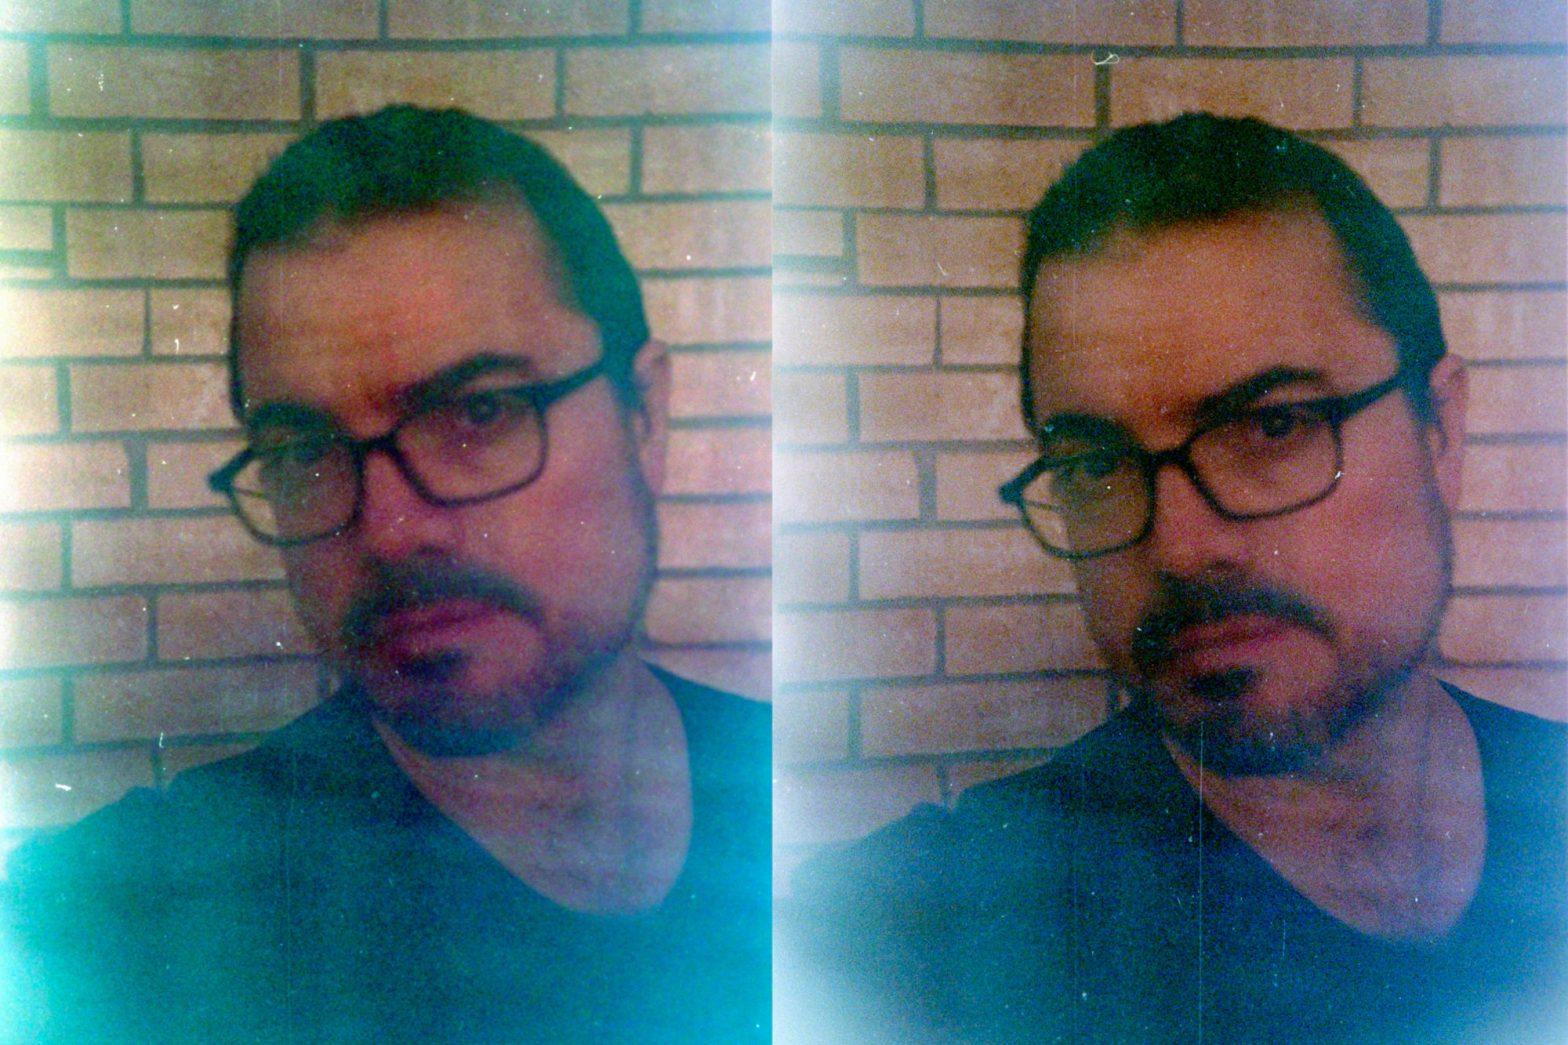 two-selfies-nikon-digitalizer-test-headline